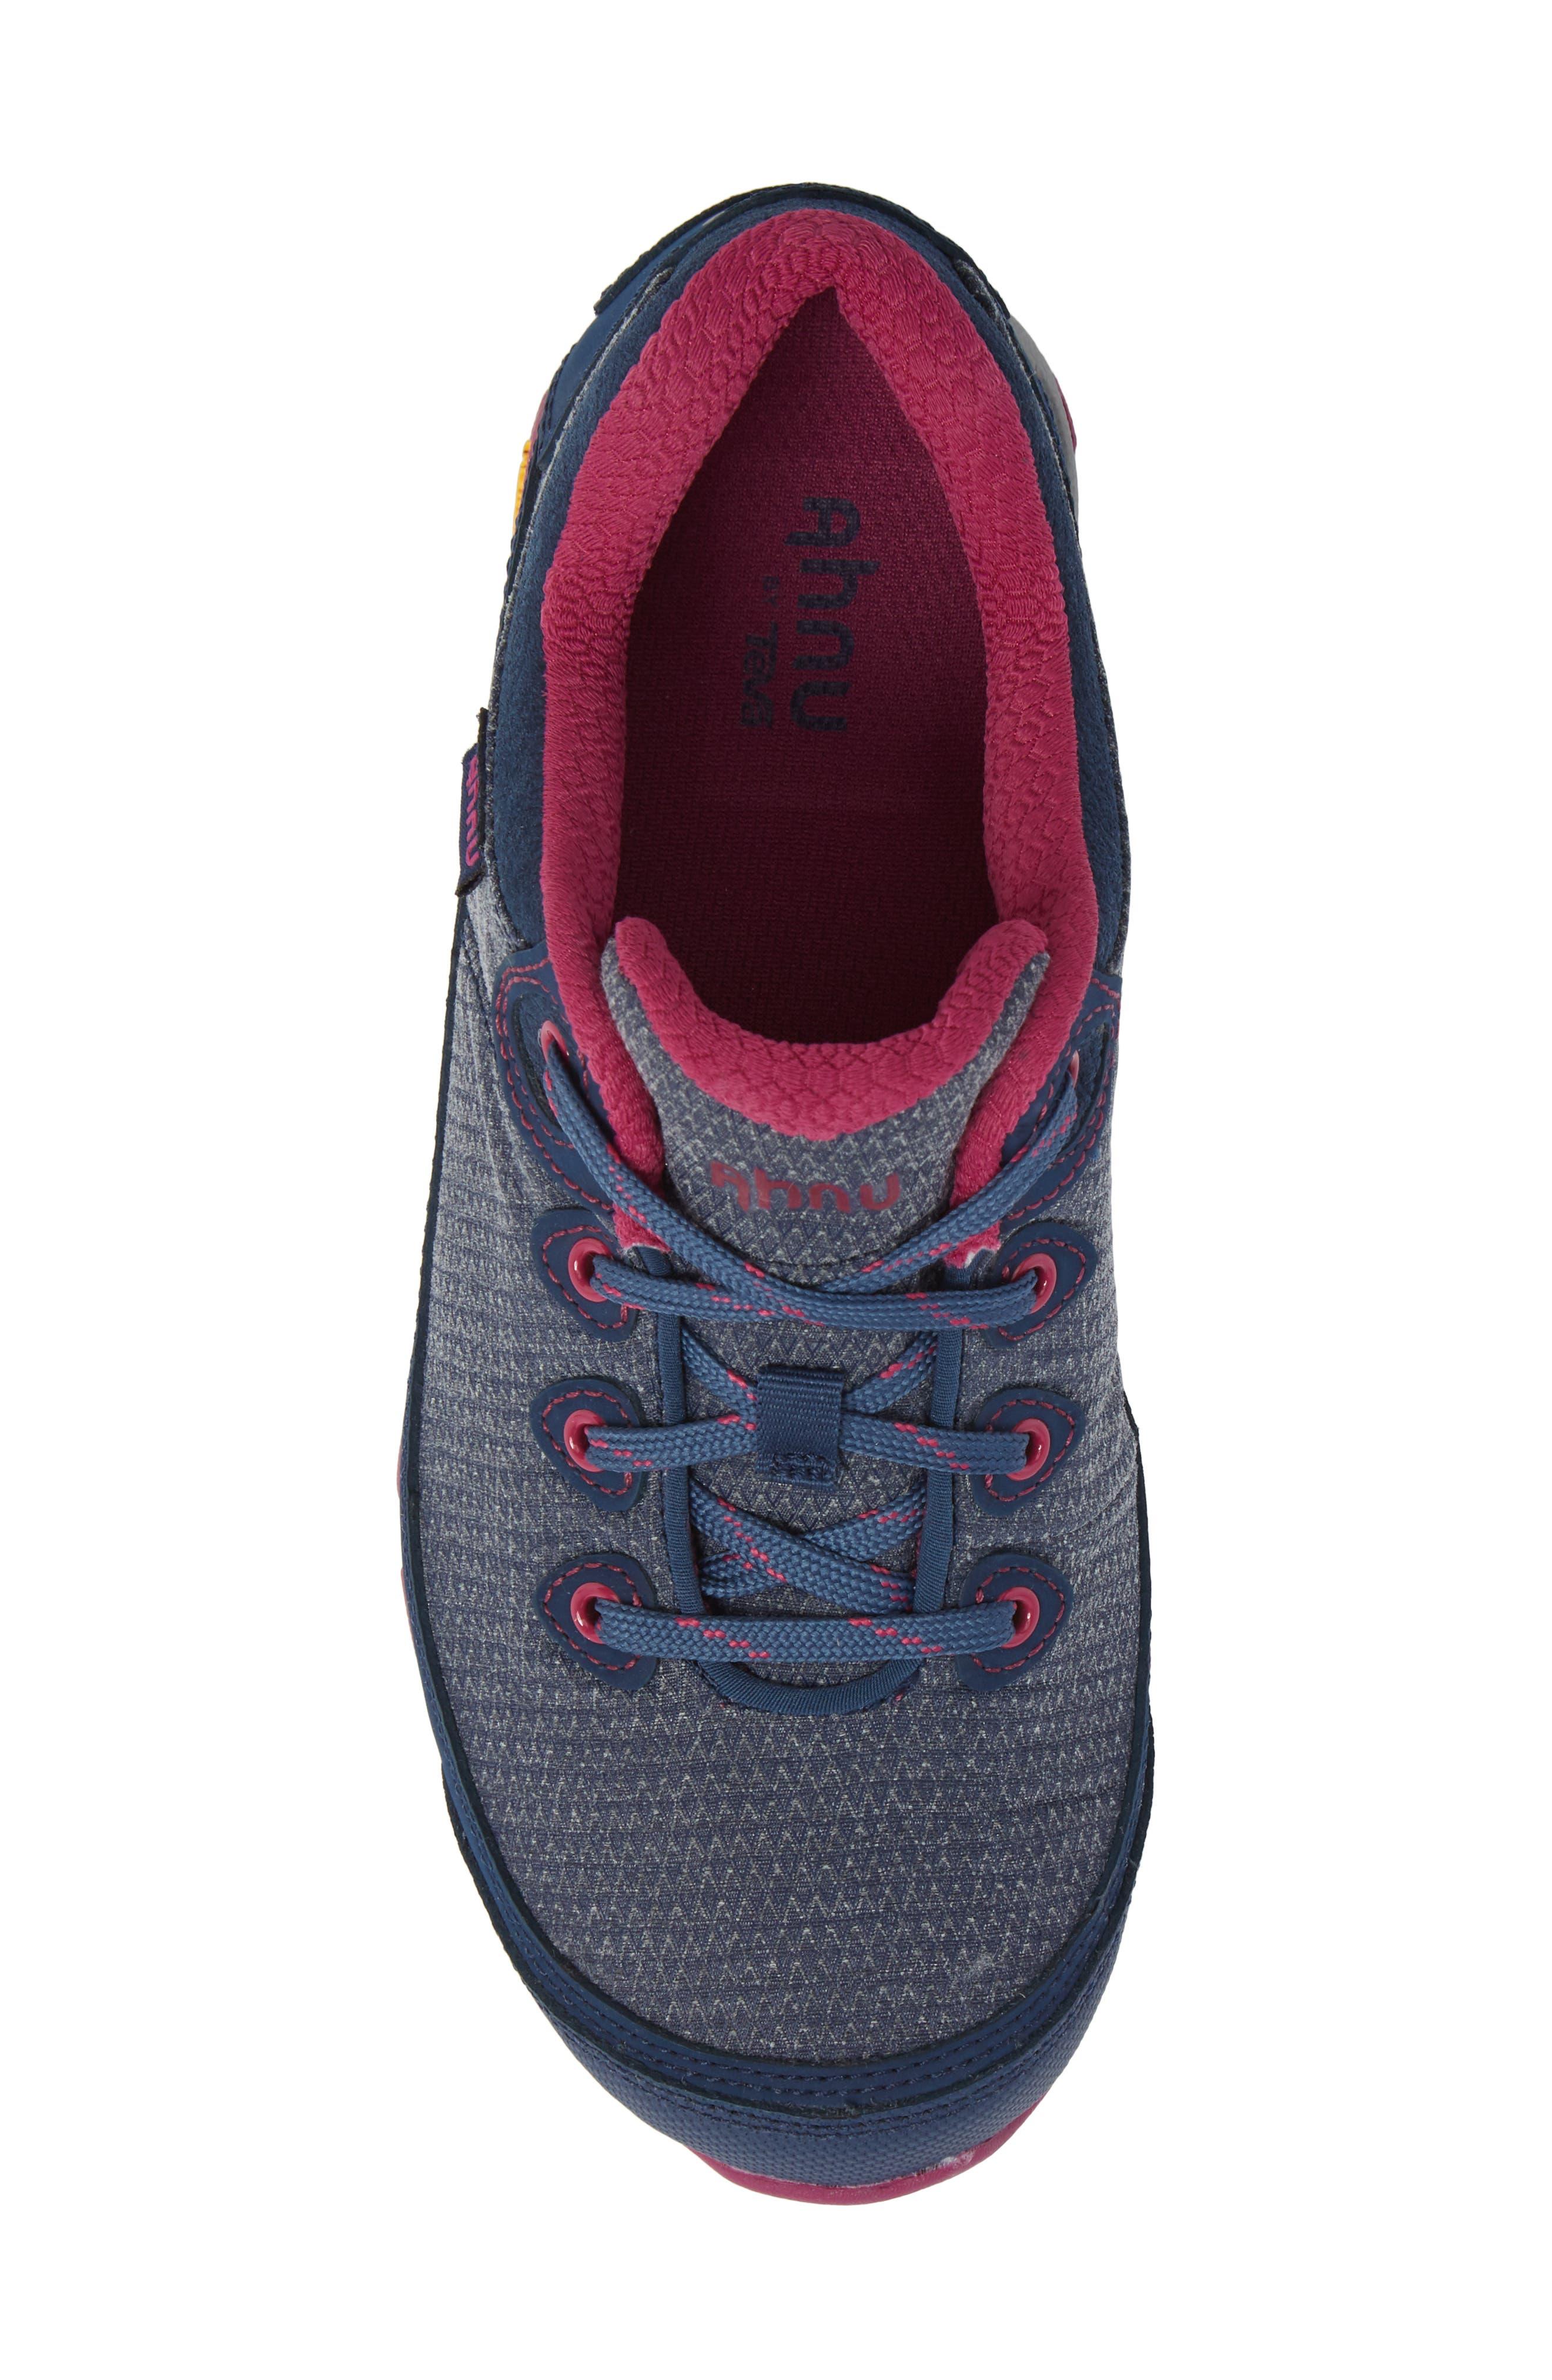 Ahnu by Teva Sugarpine II Waterproof Hiking Sneaker,                             Alternate thumbnail 5, color,                             INSIGNIA BLUE